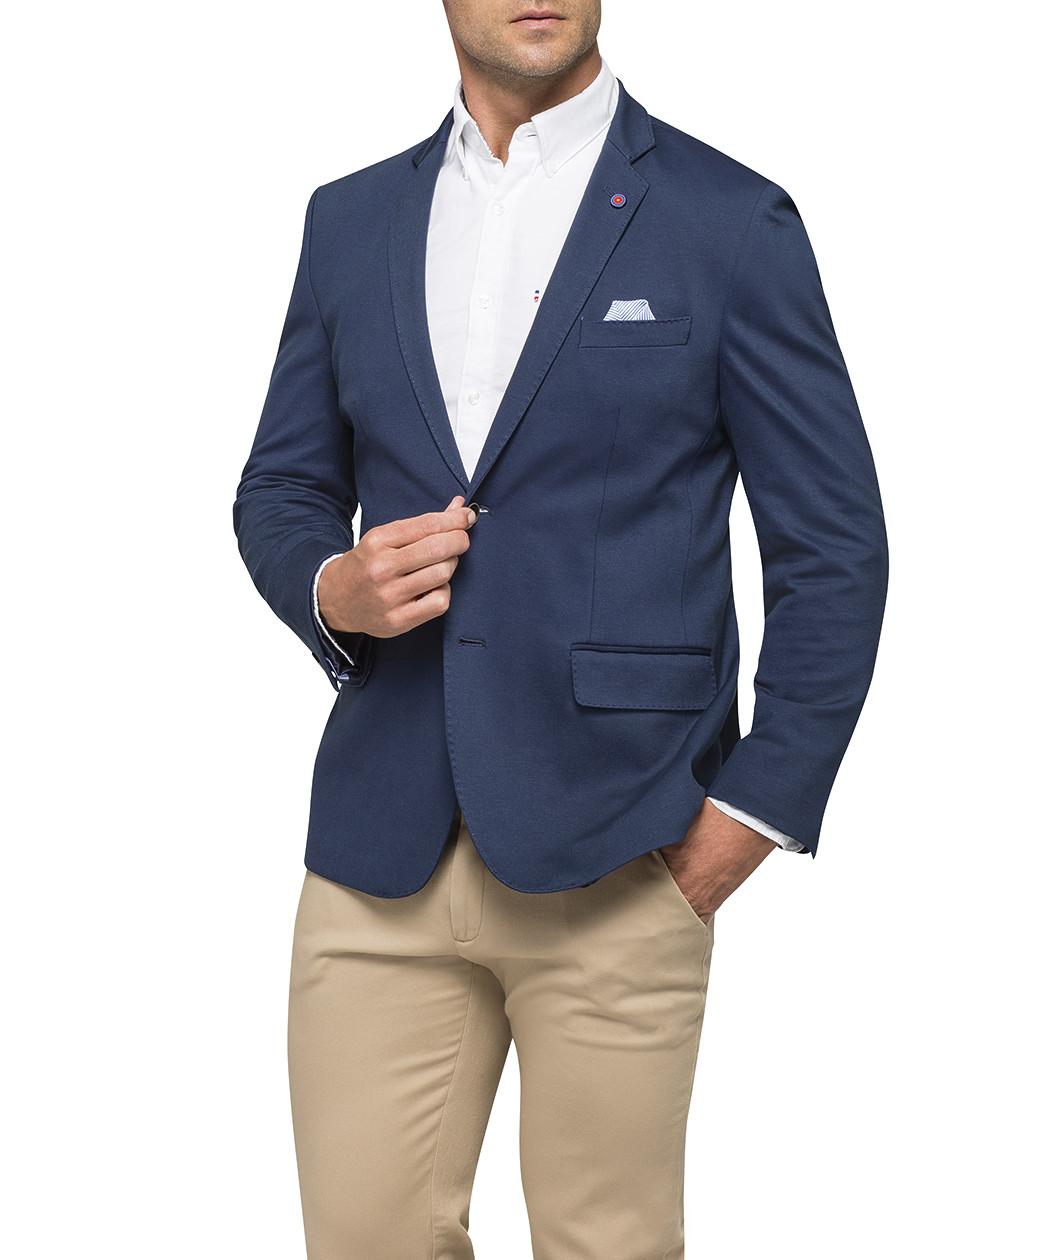 Mens Casual Jackets Online - Van Heusen Australia